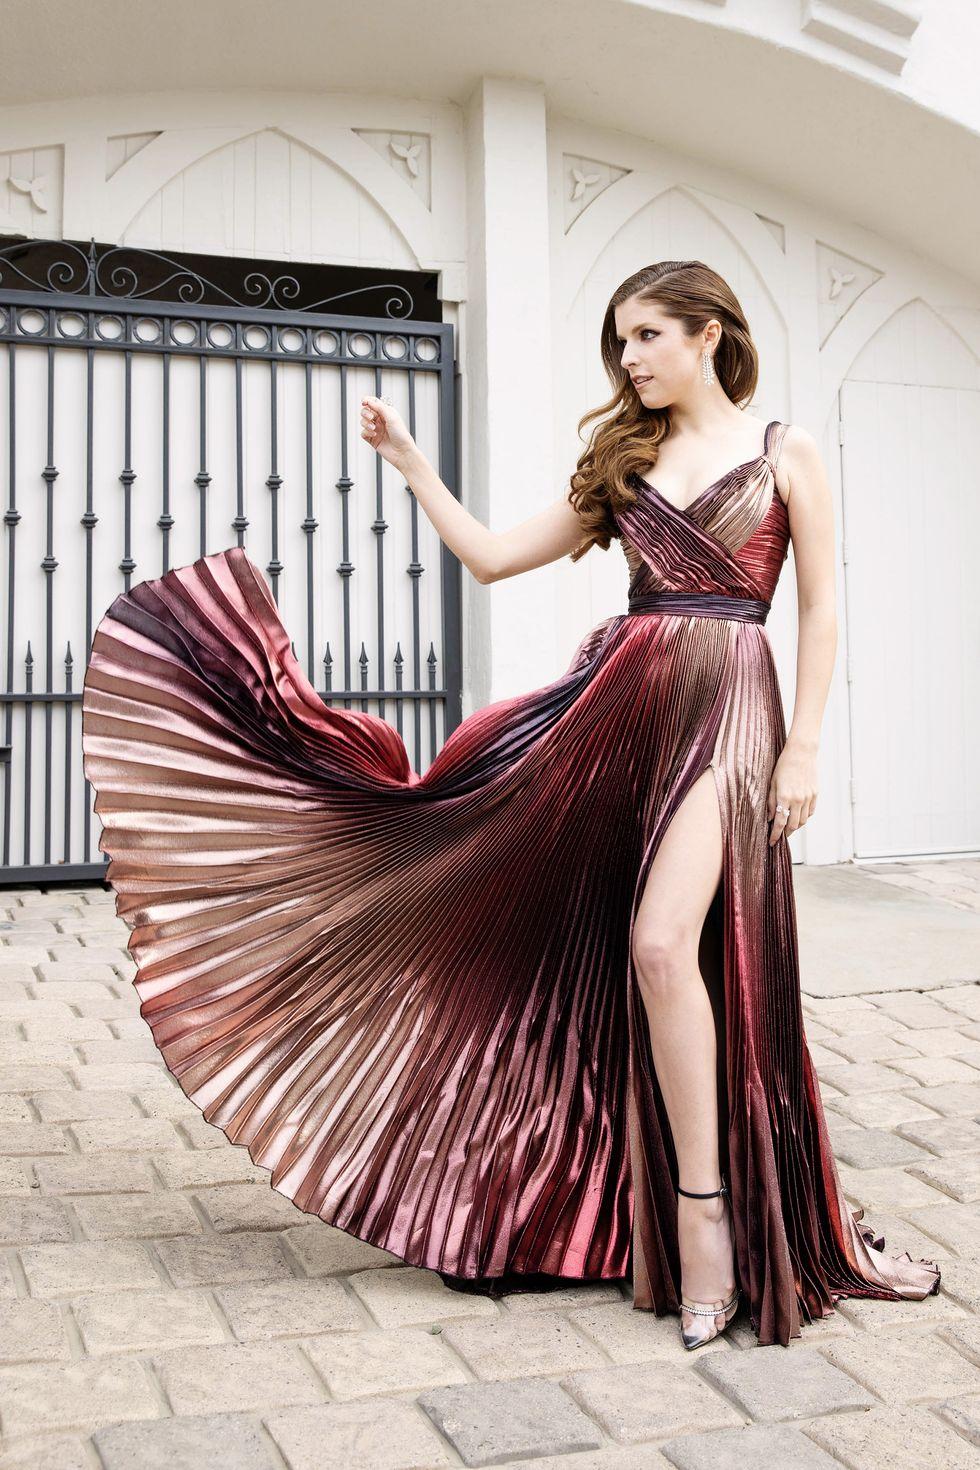 Anna Kendrick xinh đẹp trong mẫu váy Zuhair Murad với các nếp xếp ấn tượng. Sự pha trộn giữa các mảng máu tím, hồng, vàng đồng cuốn hút thị giác của người nhìn.